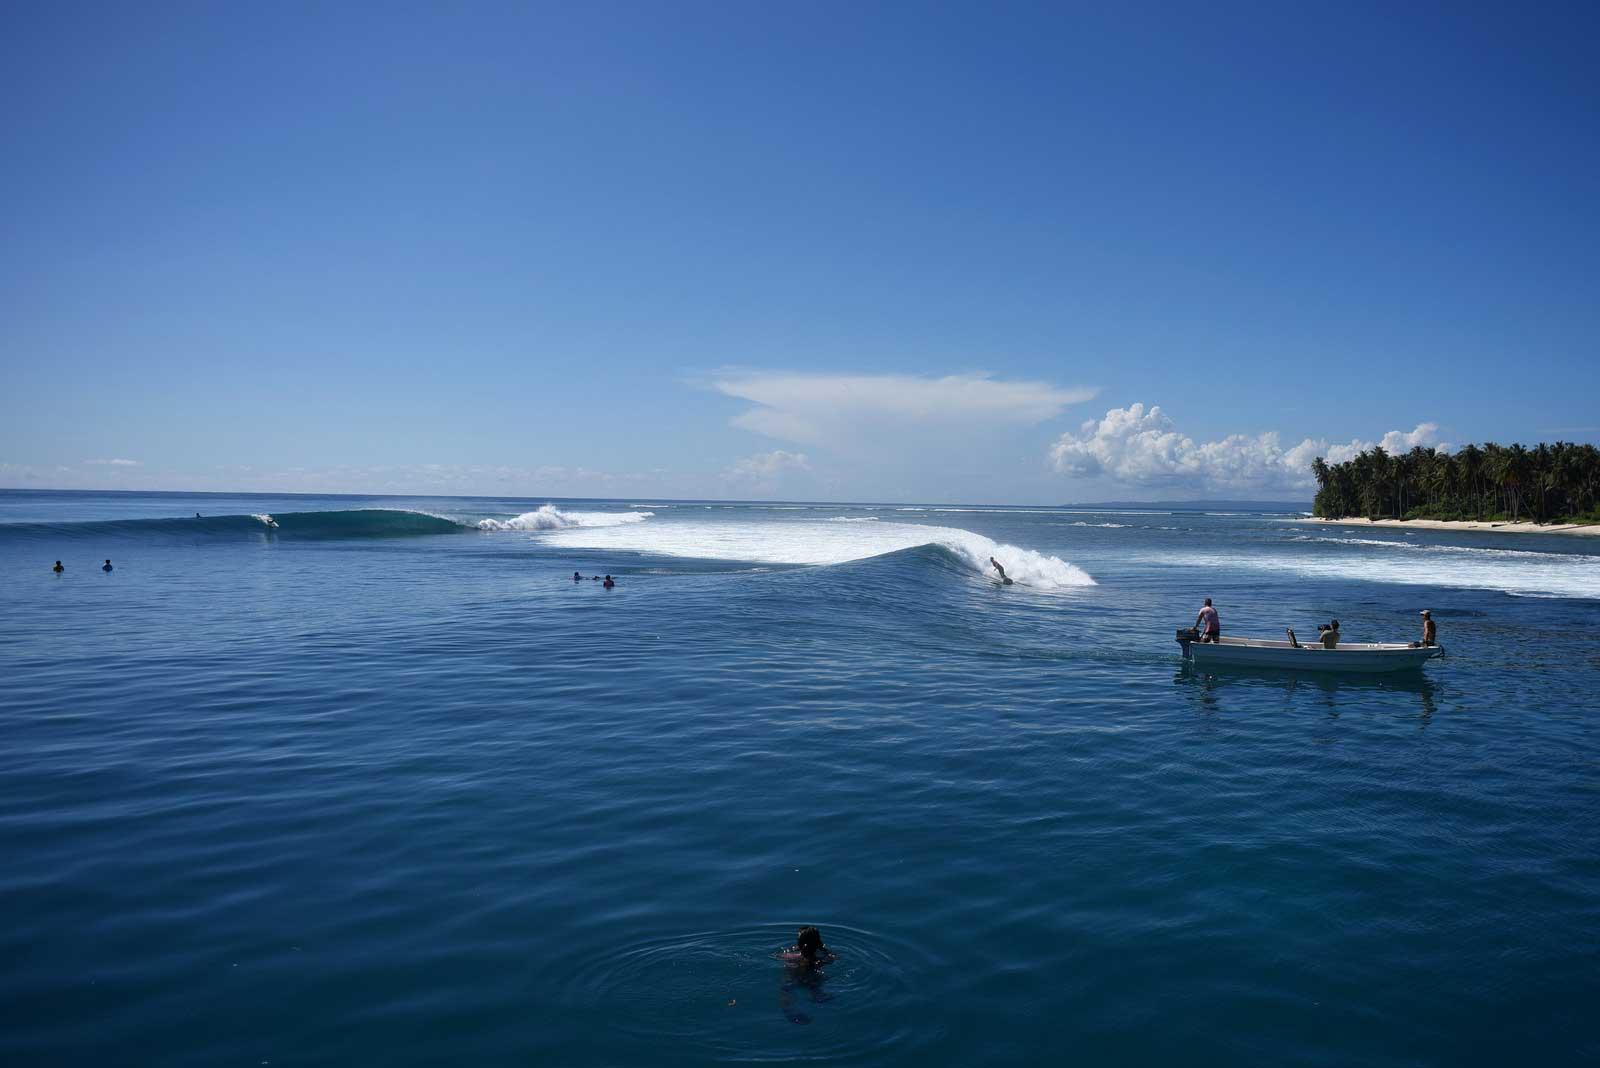 """Die Endsection der Welle trägt den Namen """"Surgeon's Table"""" aus gutem Grund: Etliche Surfer haben dort ihre Haut zurück gelassen."""